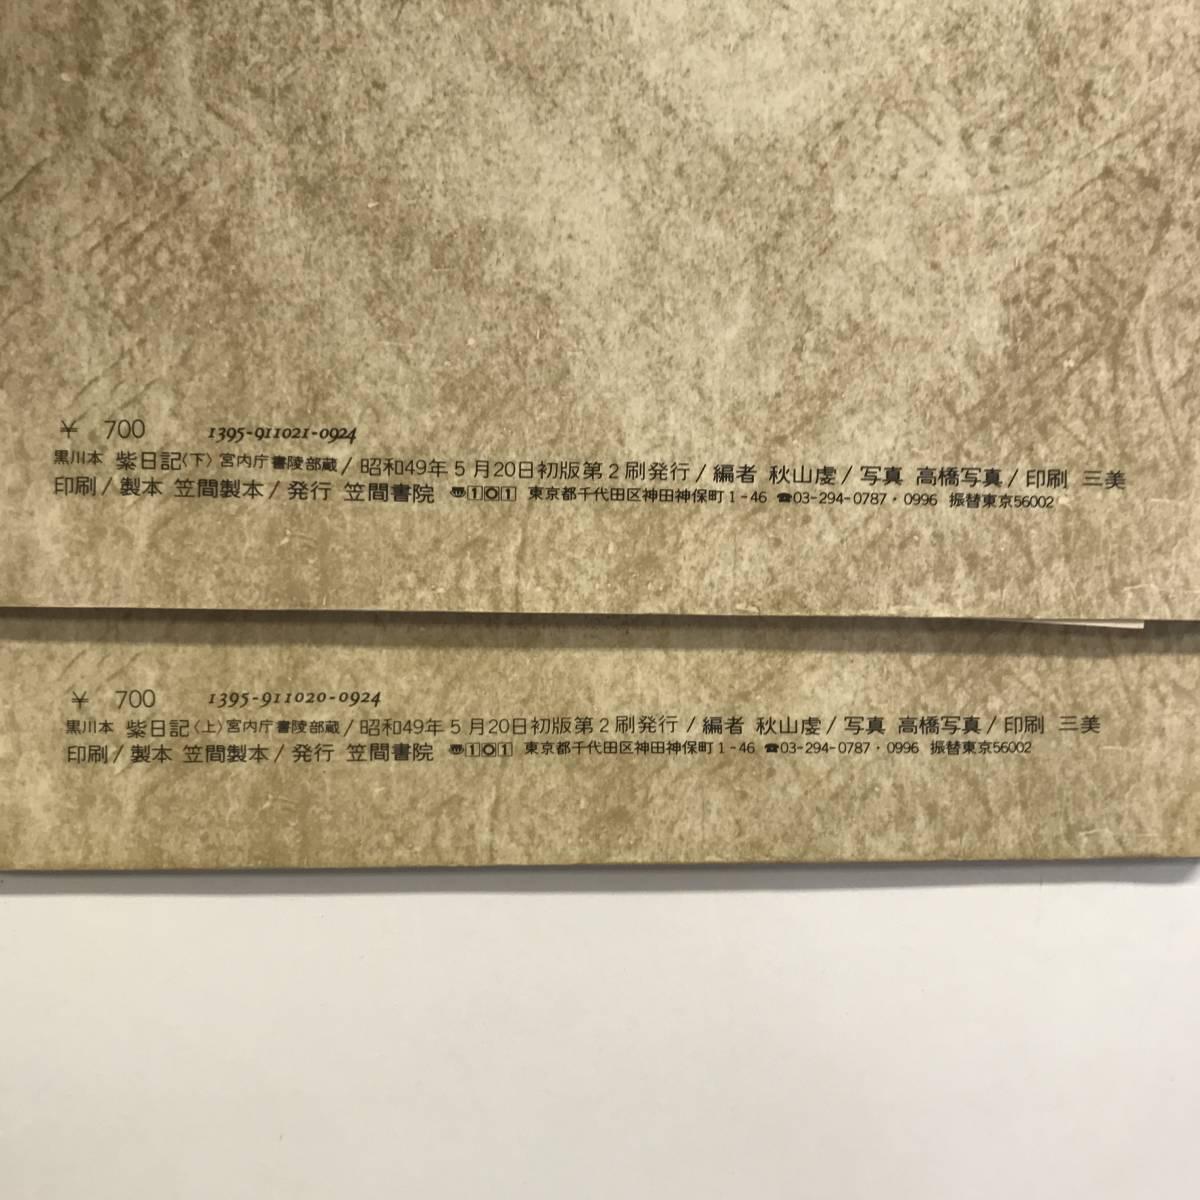 黒川本 紫日記 上下 宮内庁書陵部蔵 笠間影印叢刊 20・21 gg00553_k4_画像4